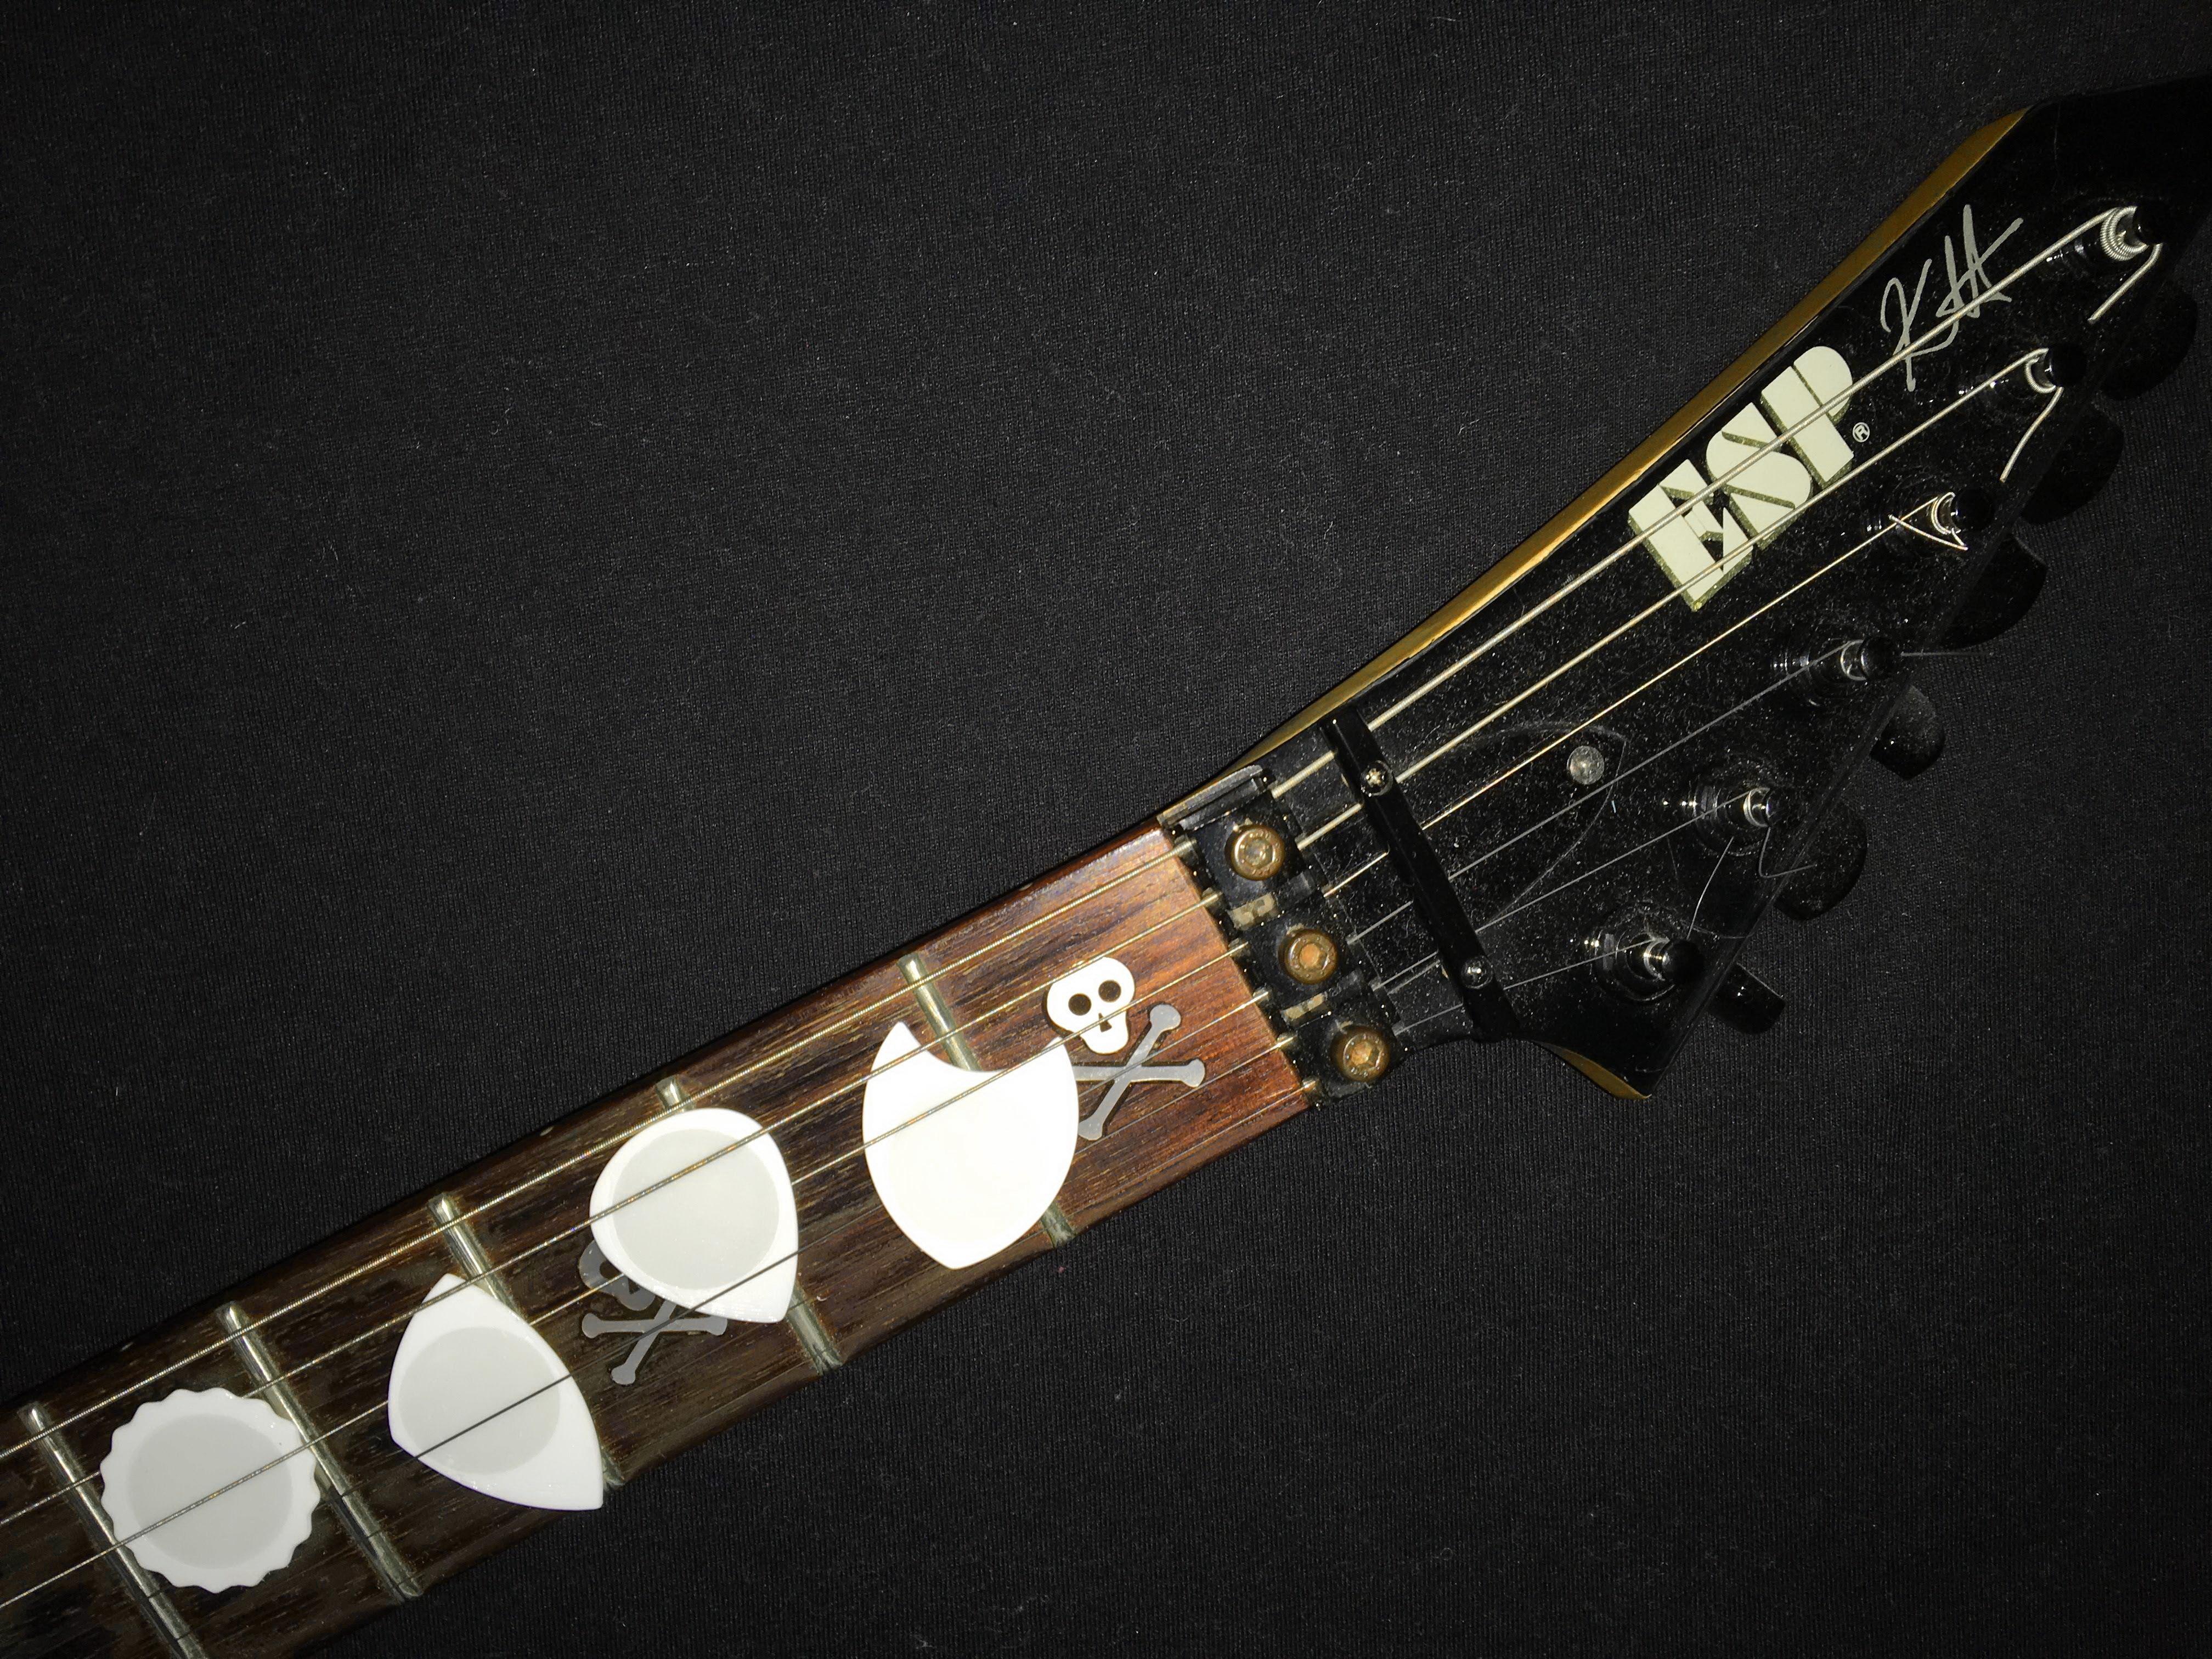 PITA DUA RADON UNU guitar ESP Km.JPG Télécharger fichier STL gratuit SIMIR-g & SIMIR-p Puas Nido - Fabriqué avec PLA et TPU BCN3D sigma R19 - Bâton de guitare 3D • Modèle pour impression 3D, carleslluisar